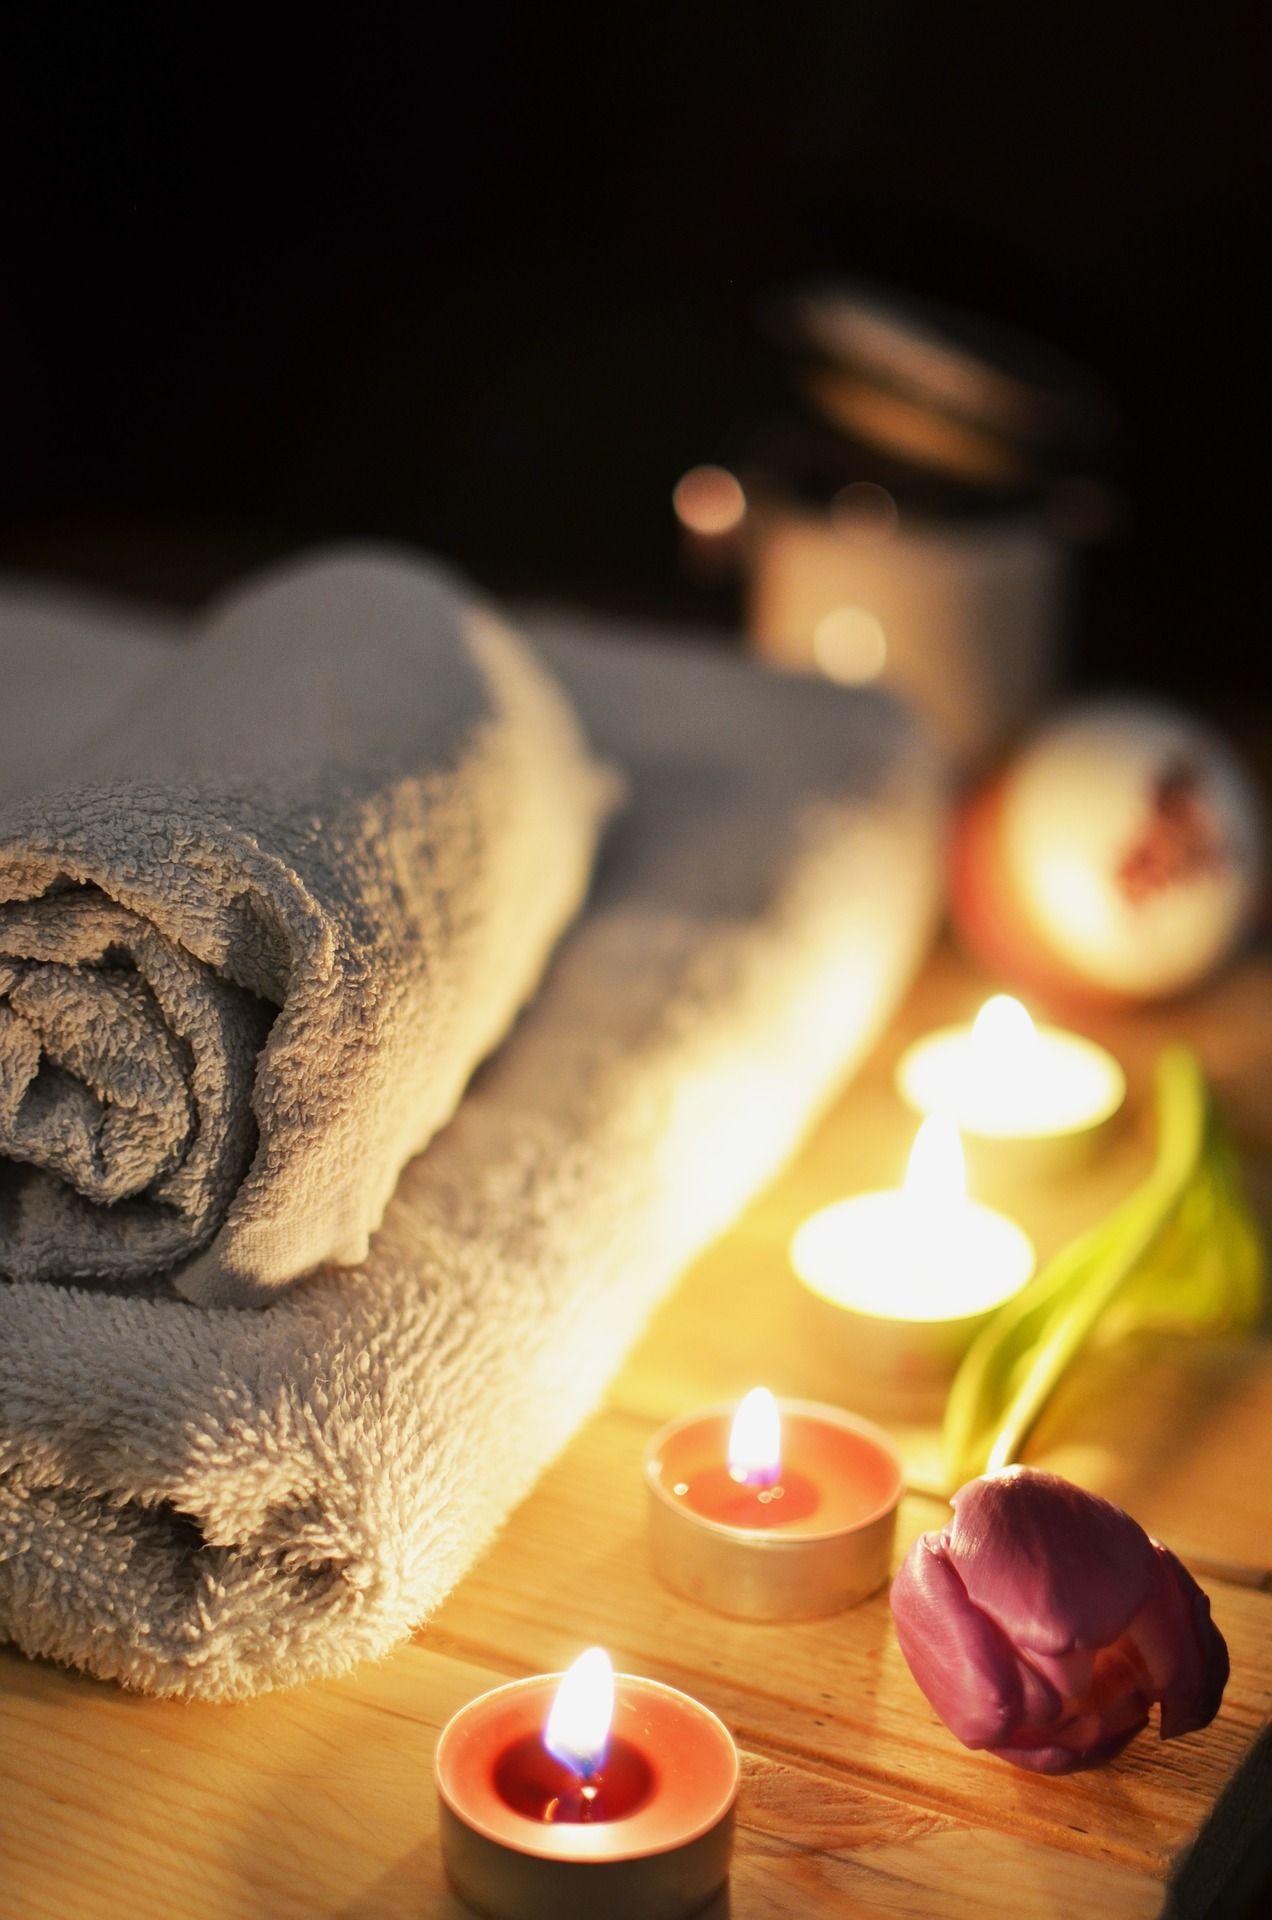 centro de masajes Elegance Angels masajistas sexuales